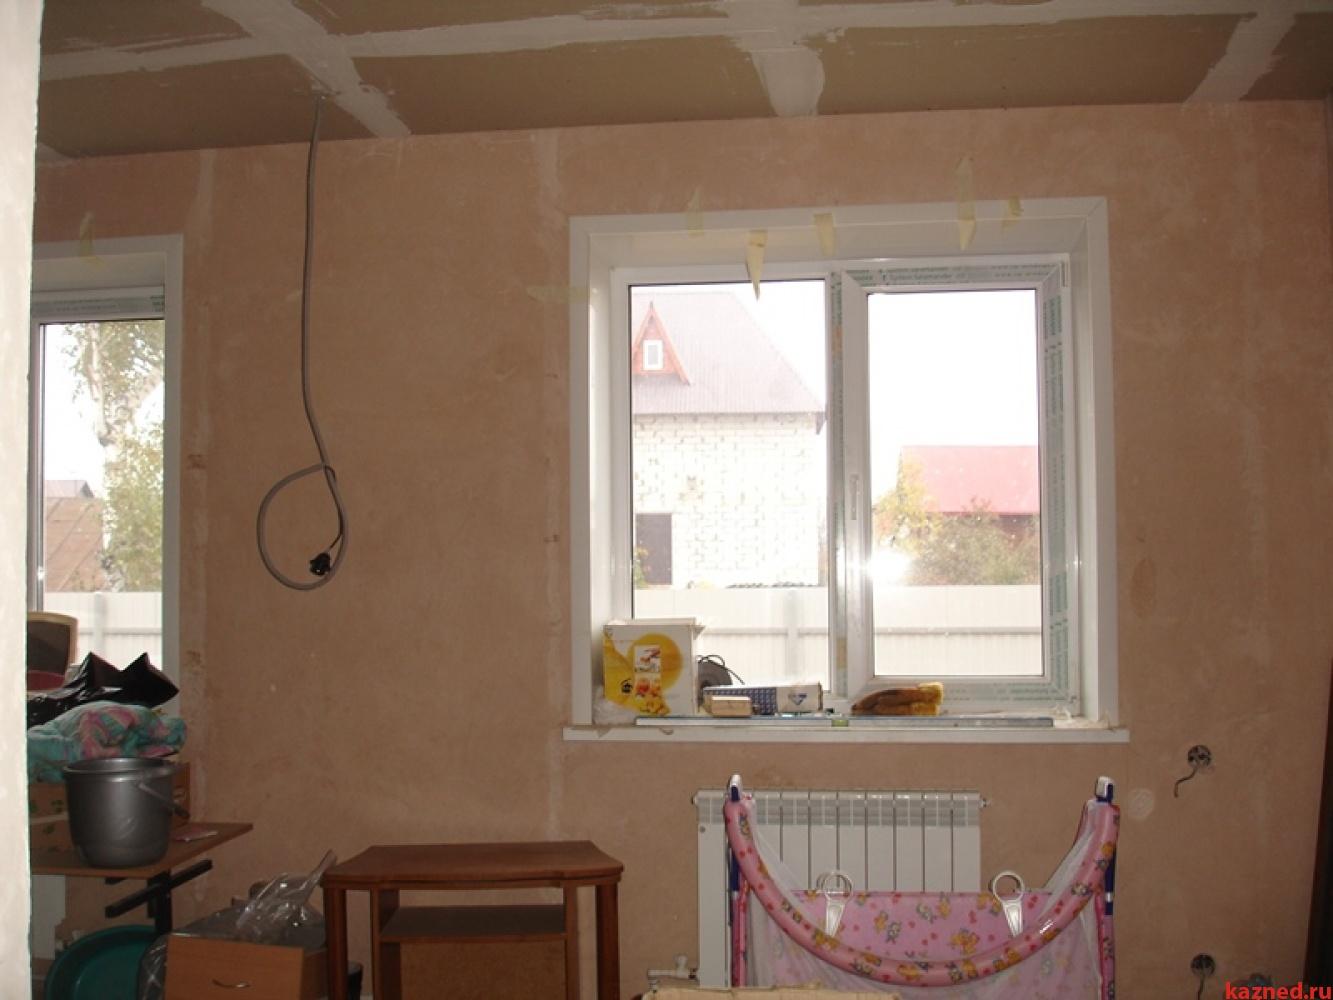 Продажа  дома Борисково Запорожская, 130 м²  (миниатюра №6)